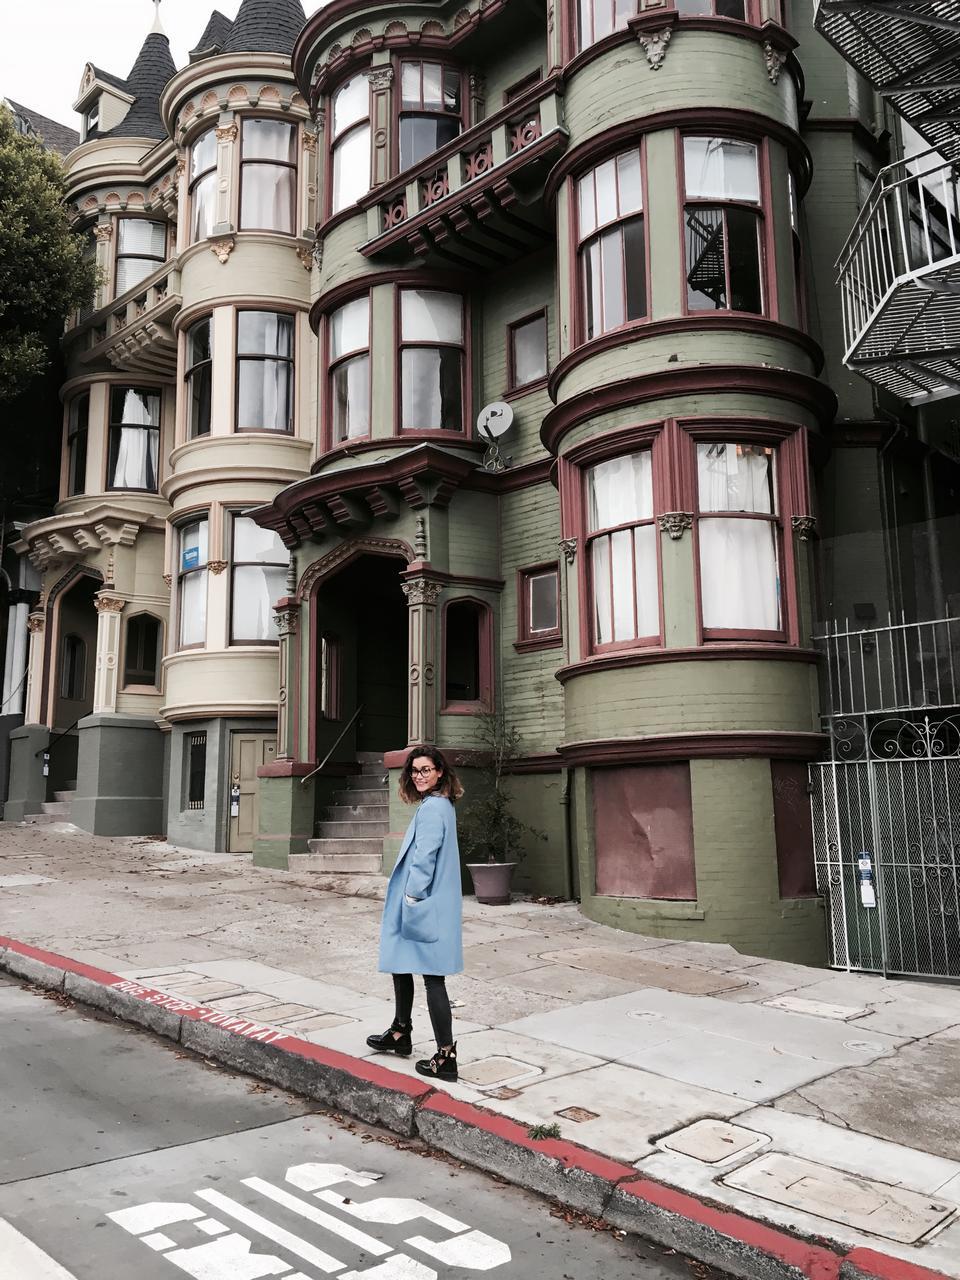 California Dreaming: San Francisco & Napa Valley